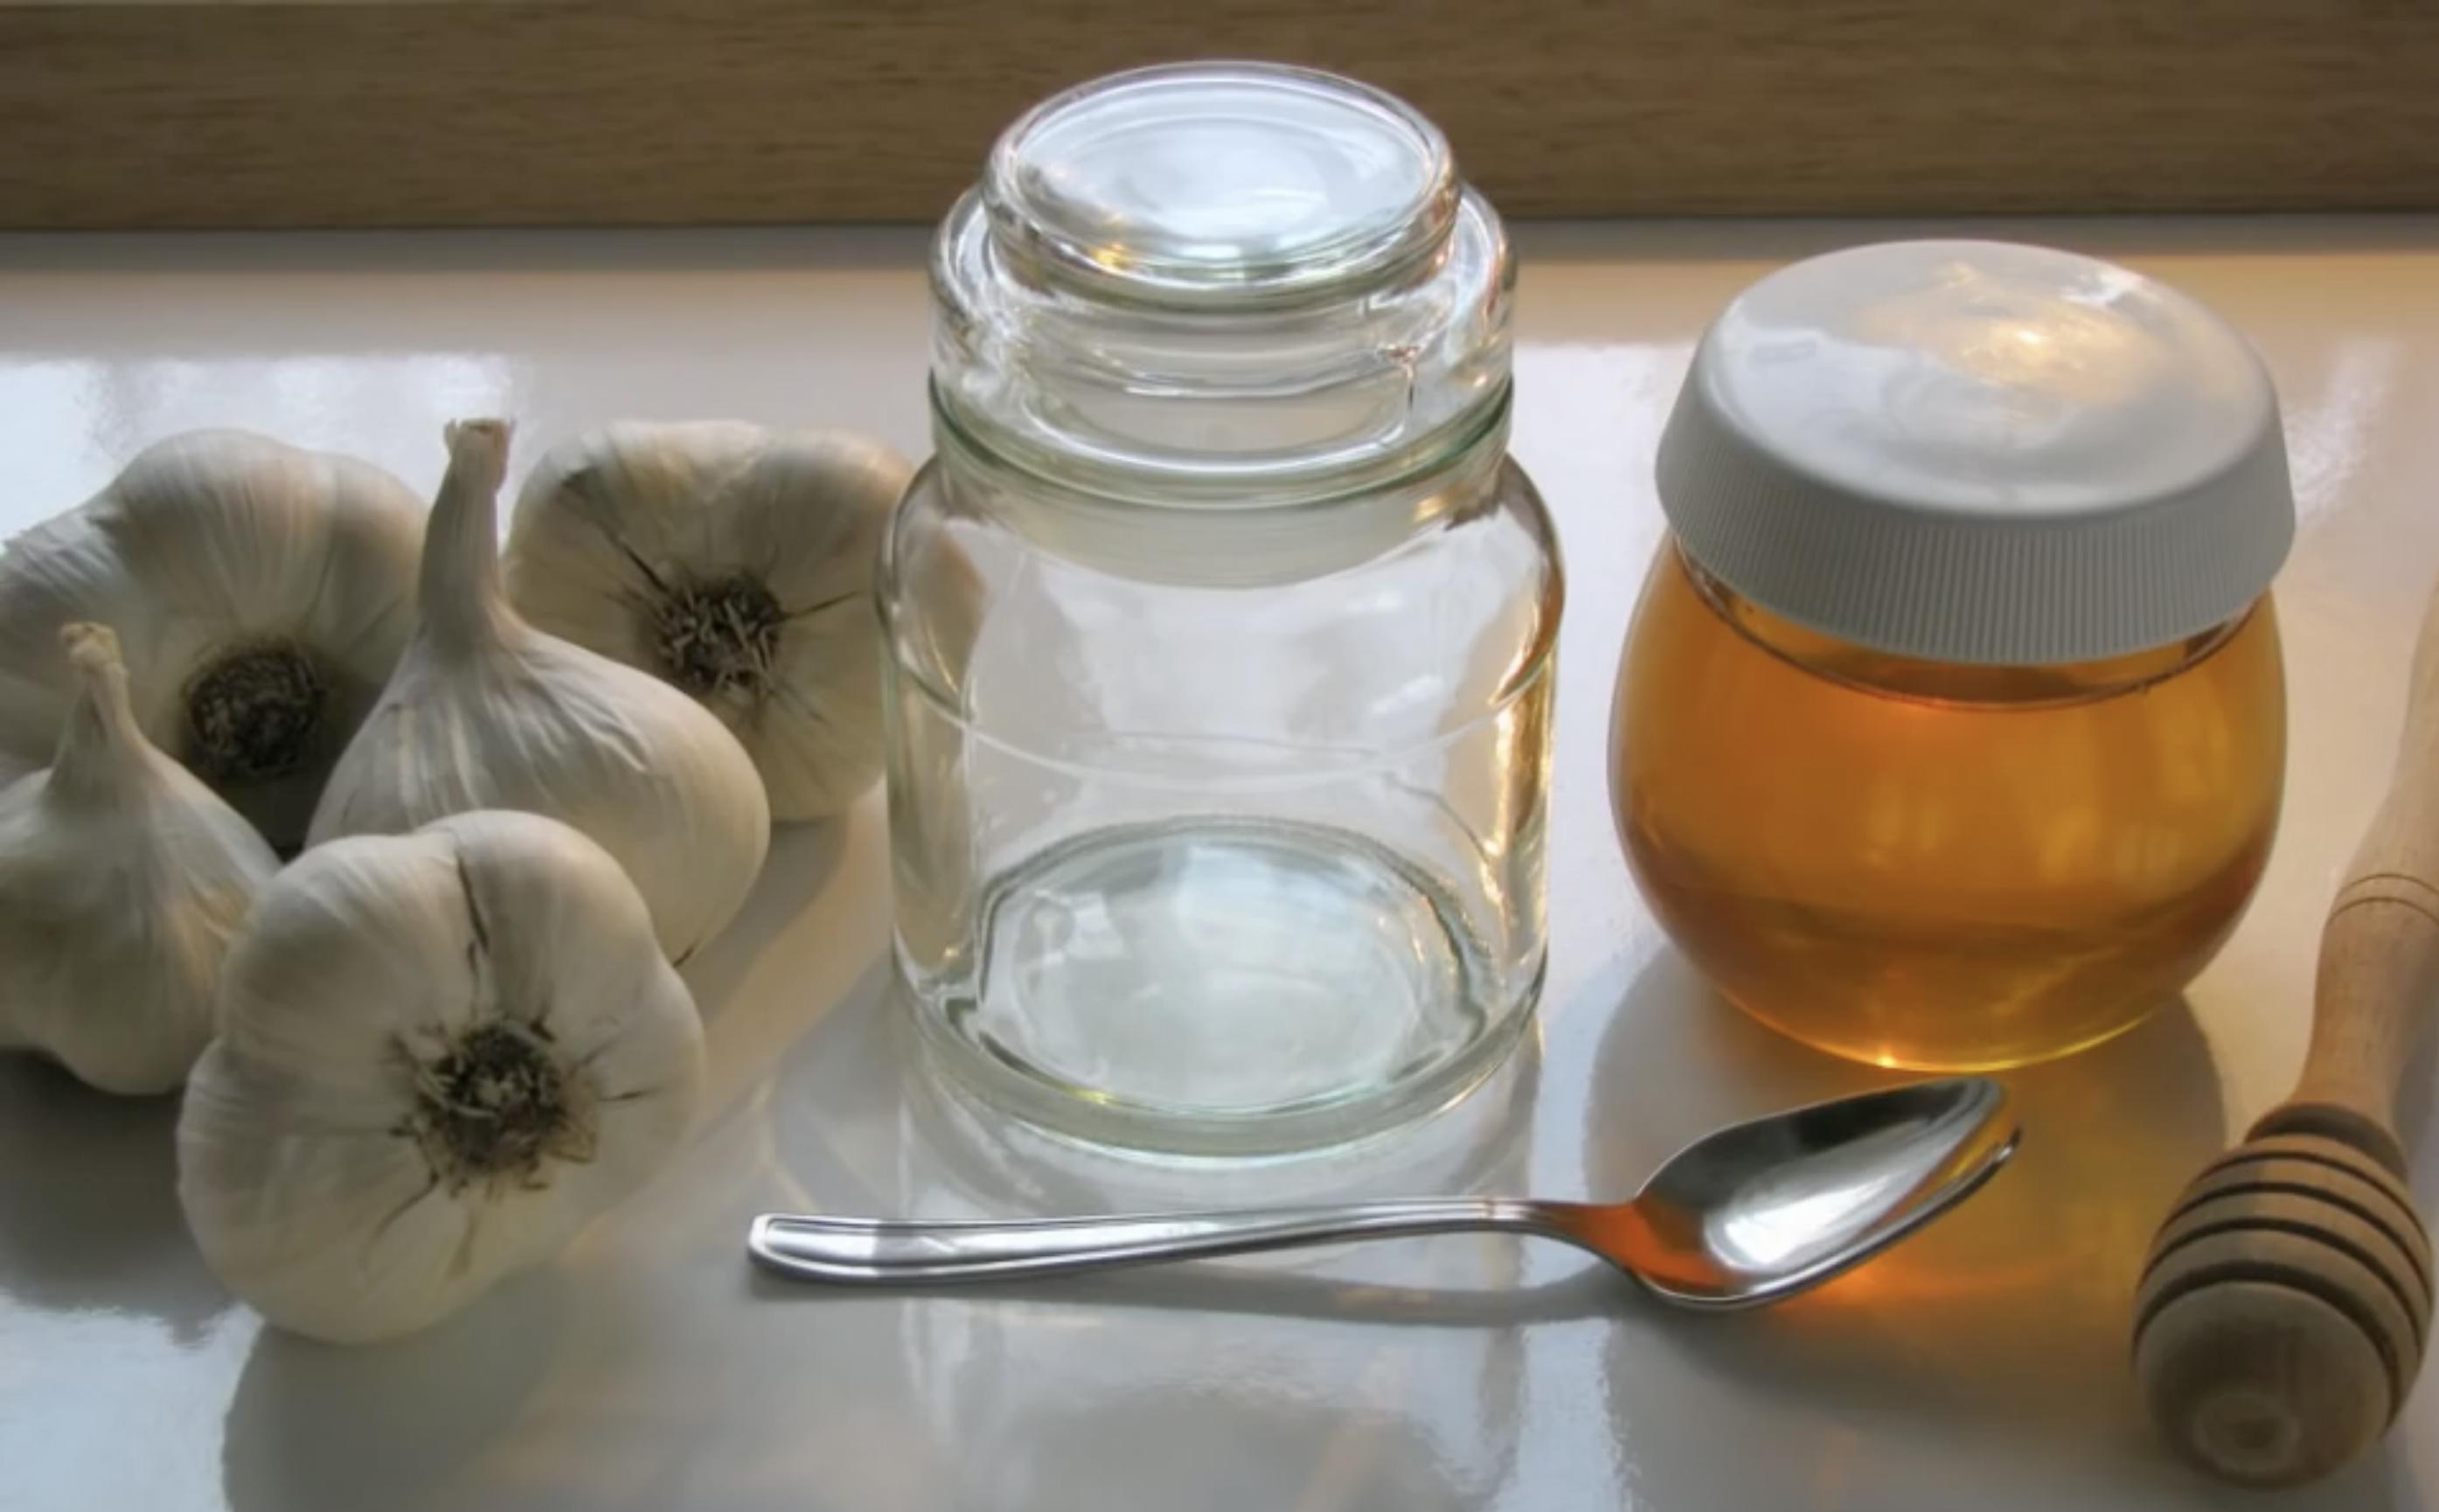 Prueba a mezclar ajo y miel y disfruta de todos sus beneficios